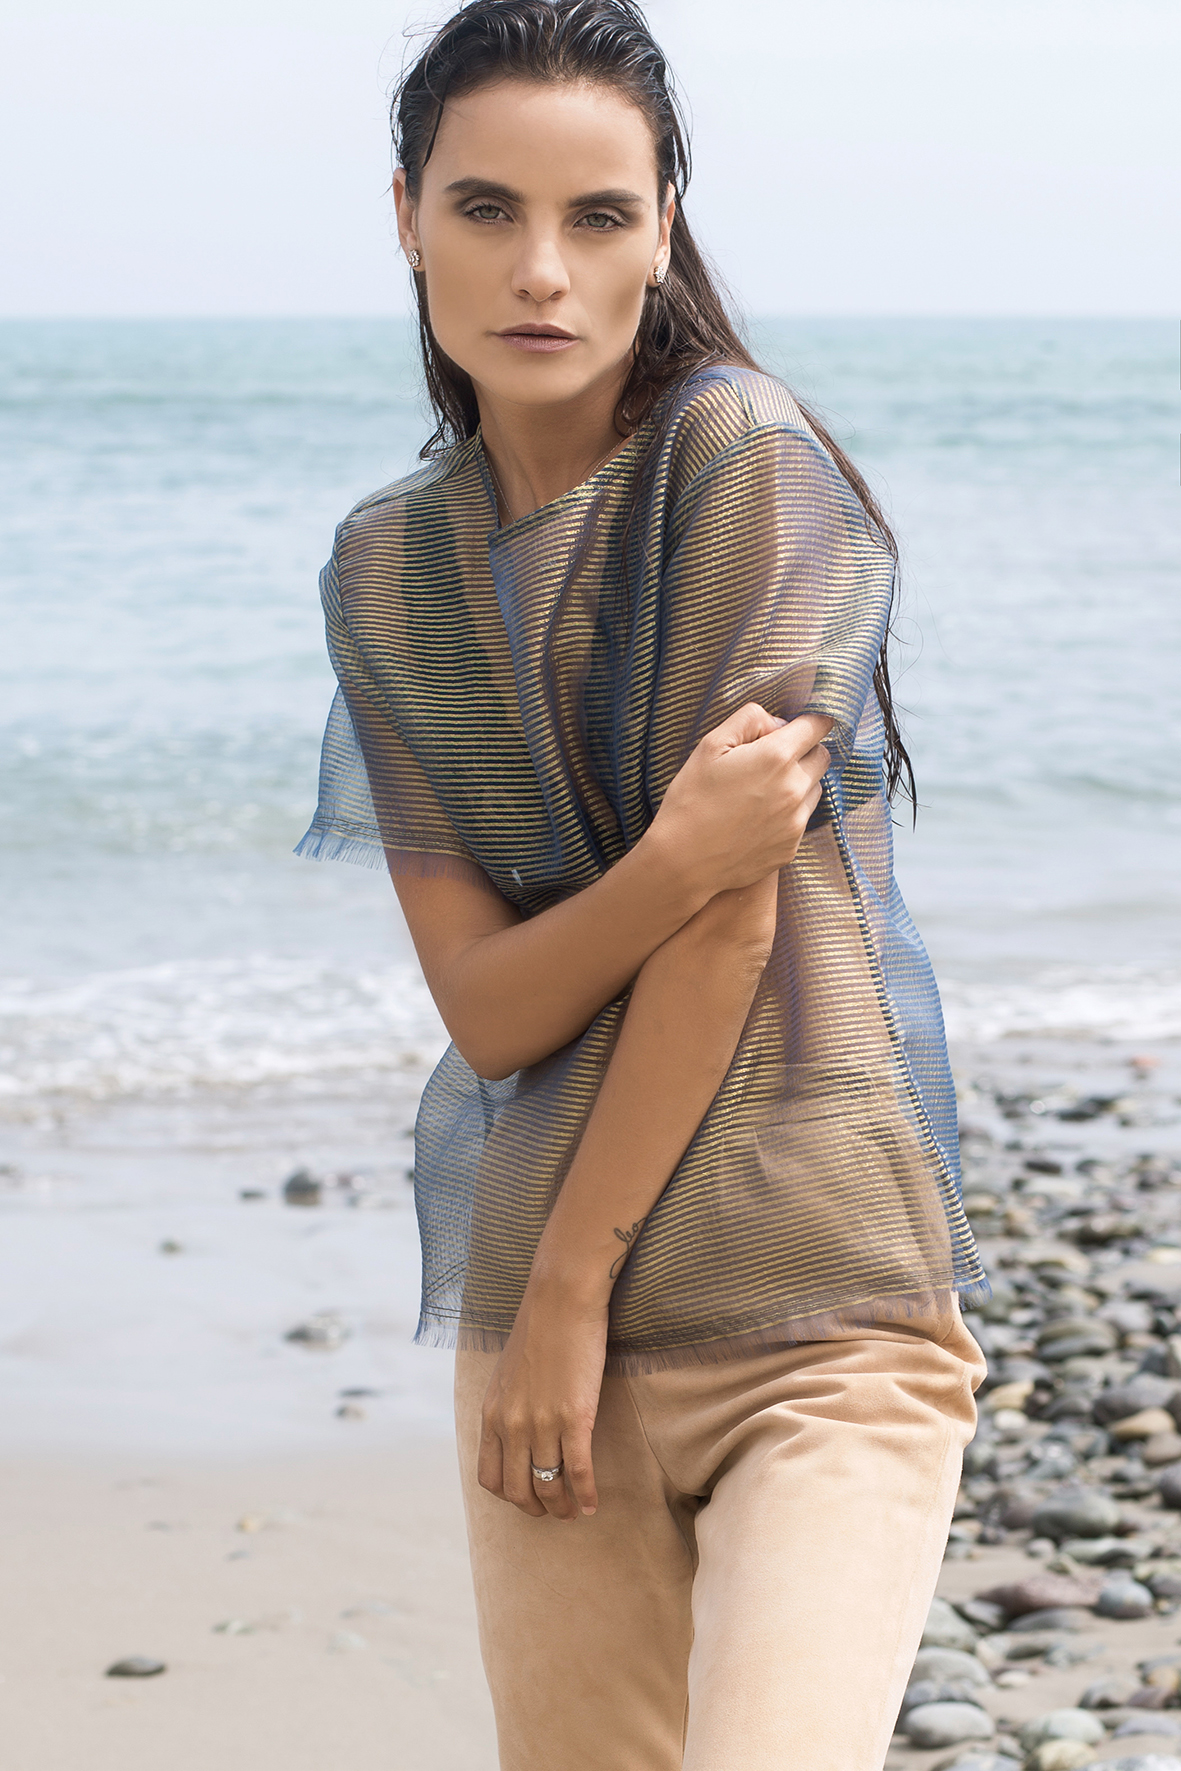 giuliana weston - modelo peruana - perú - peru moda -  fashion photography - costa verde -  001.jpg